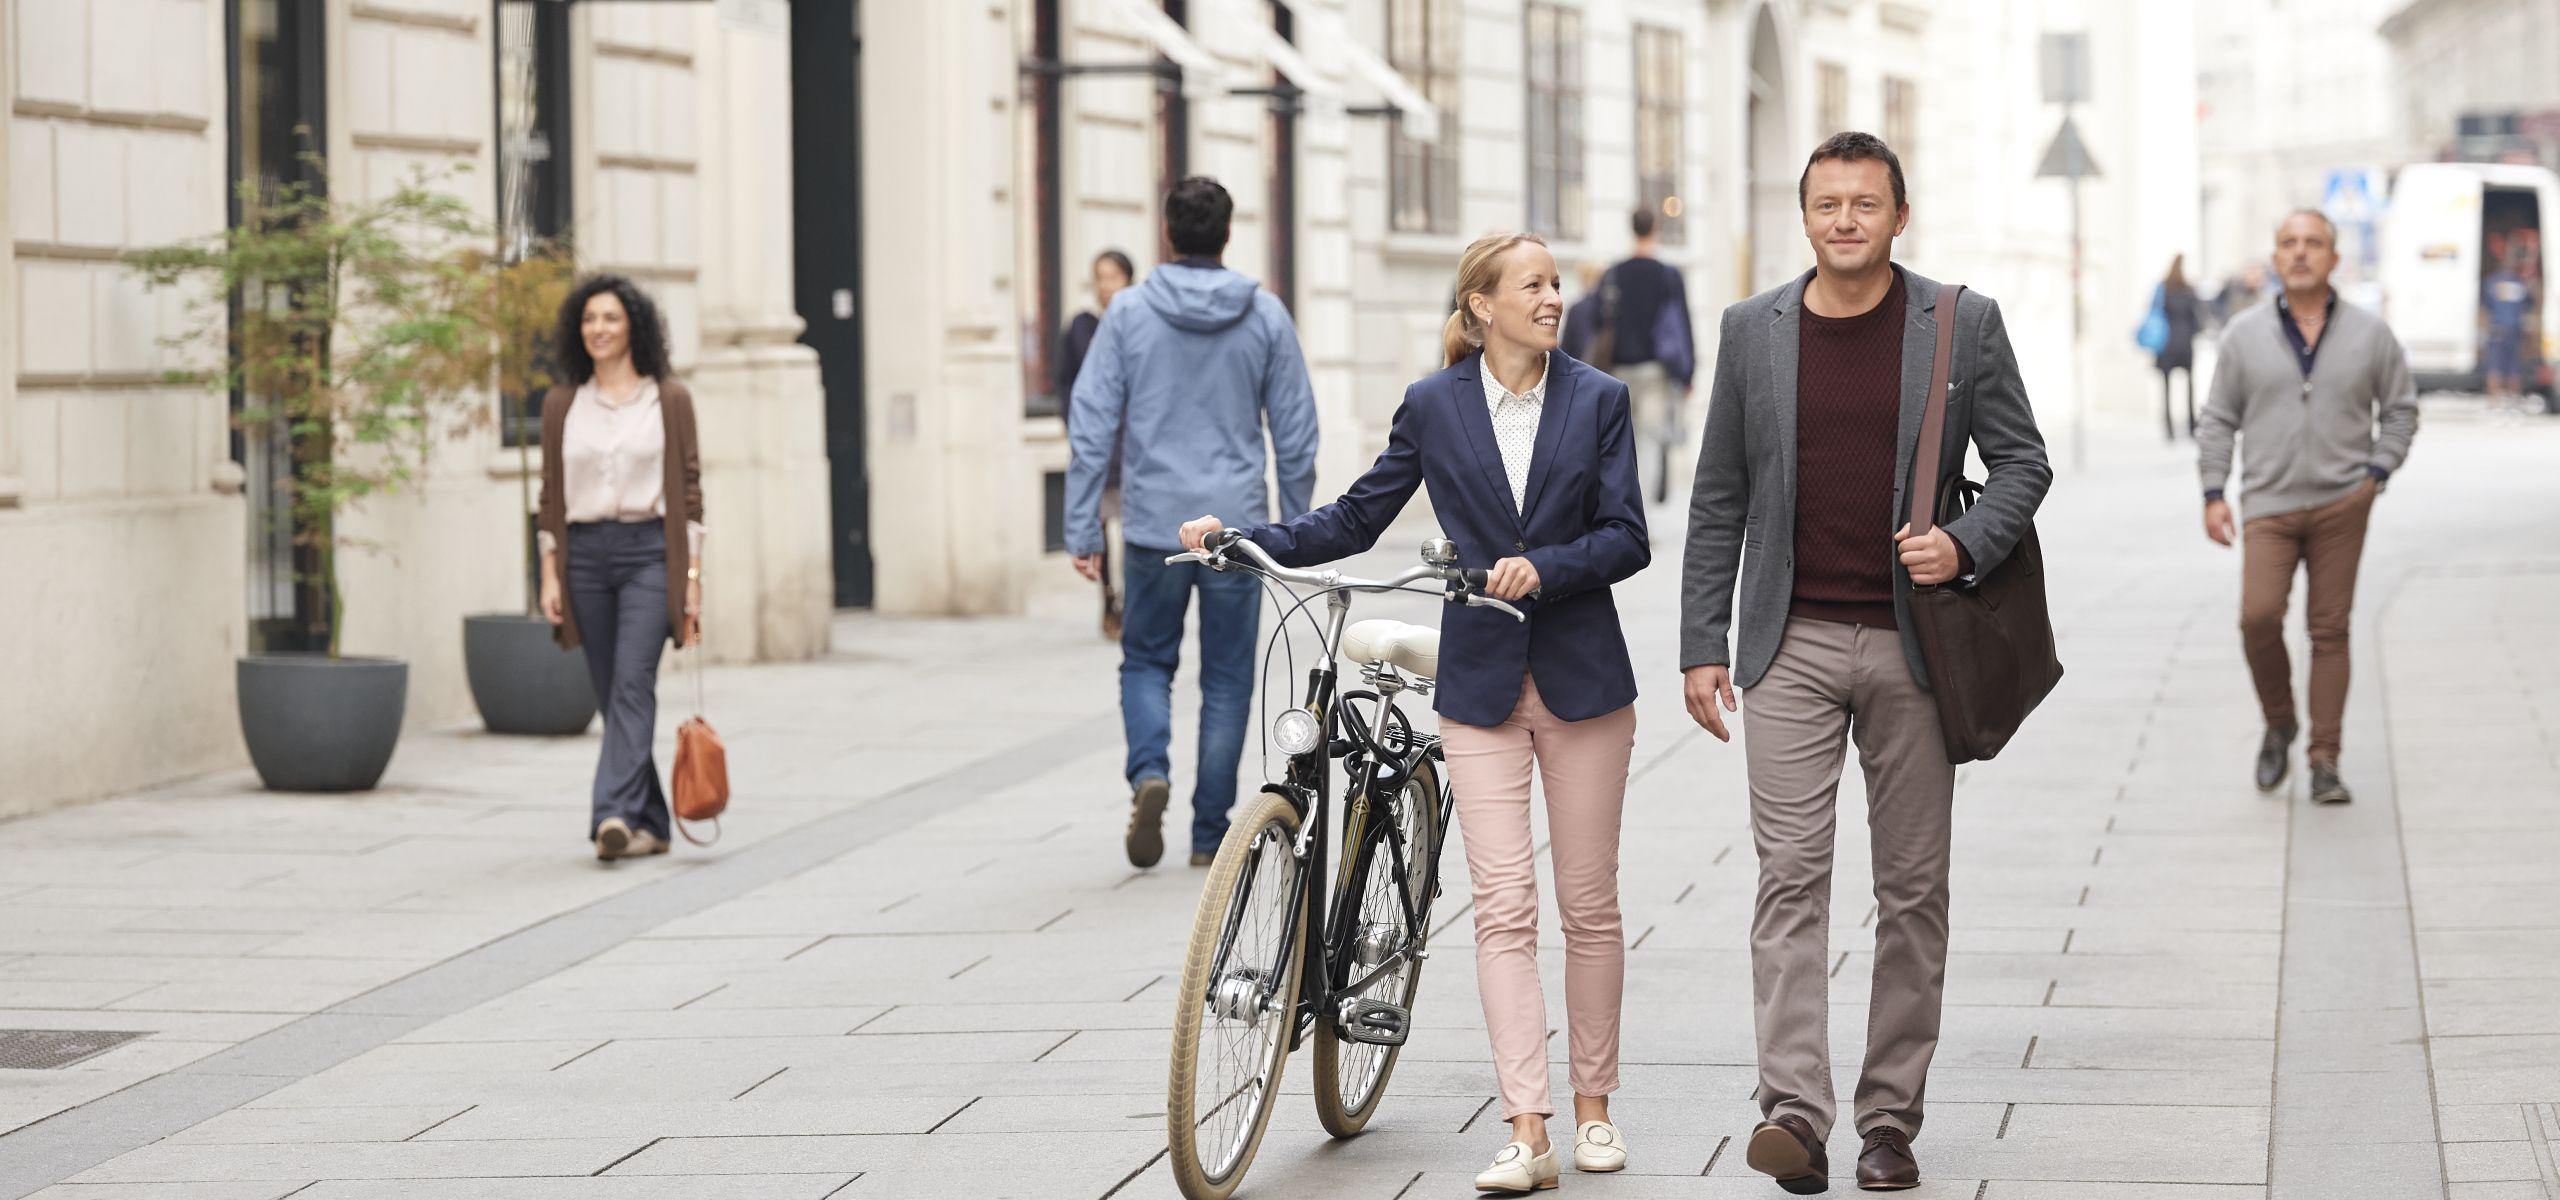 Eine Frau und ein Mann gehen gemeinsam durch die Herrengasse.